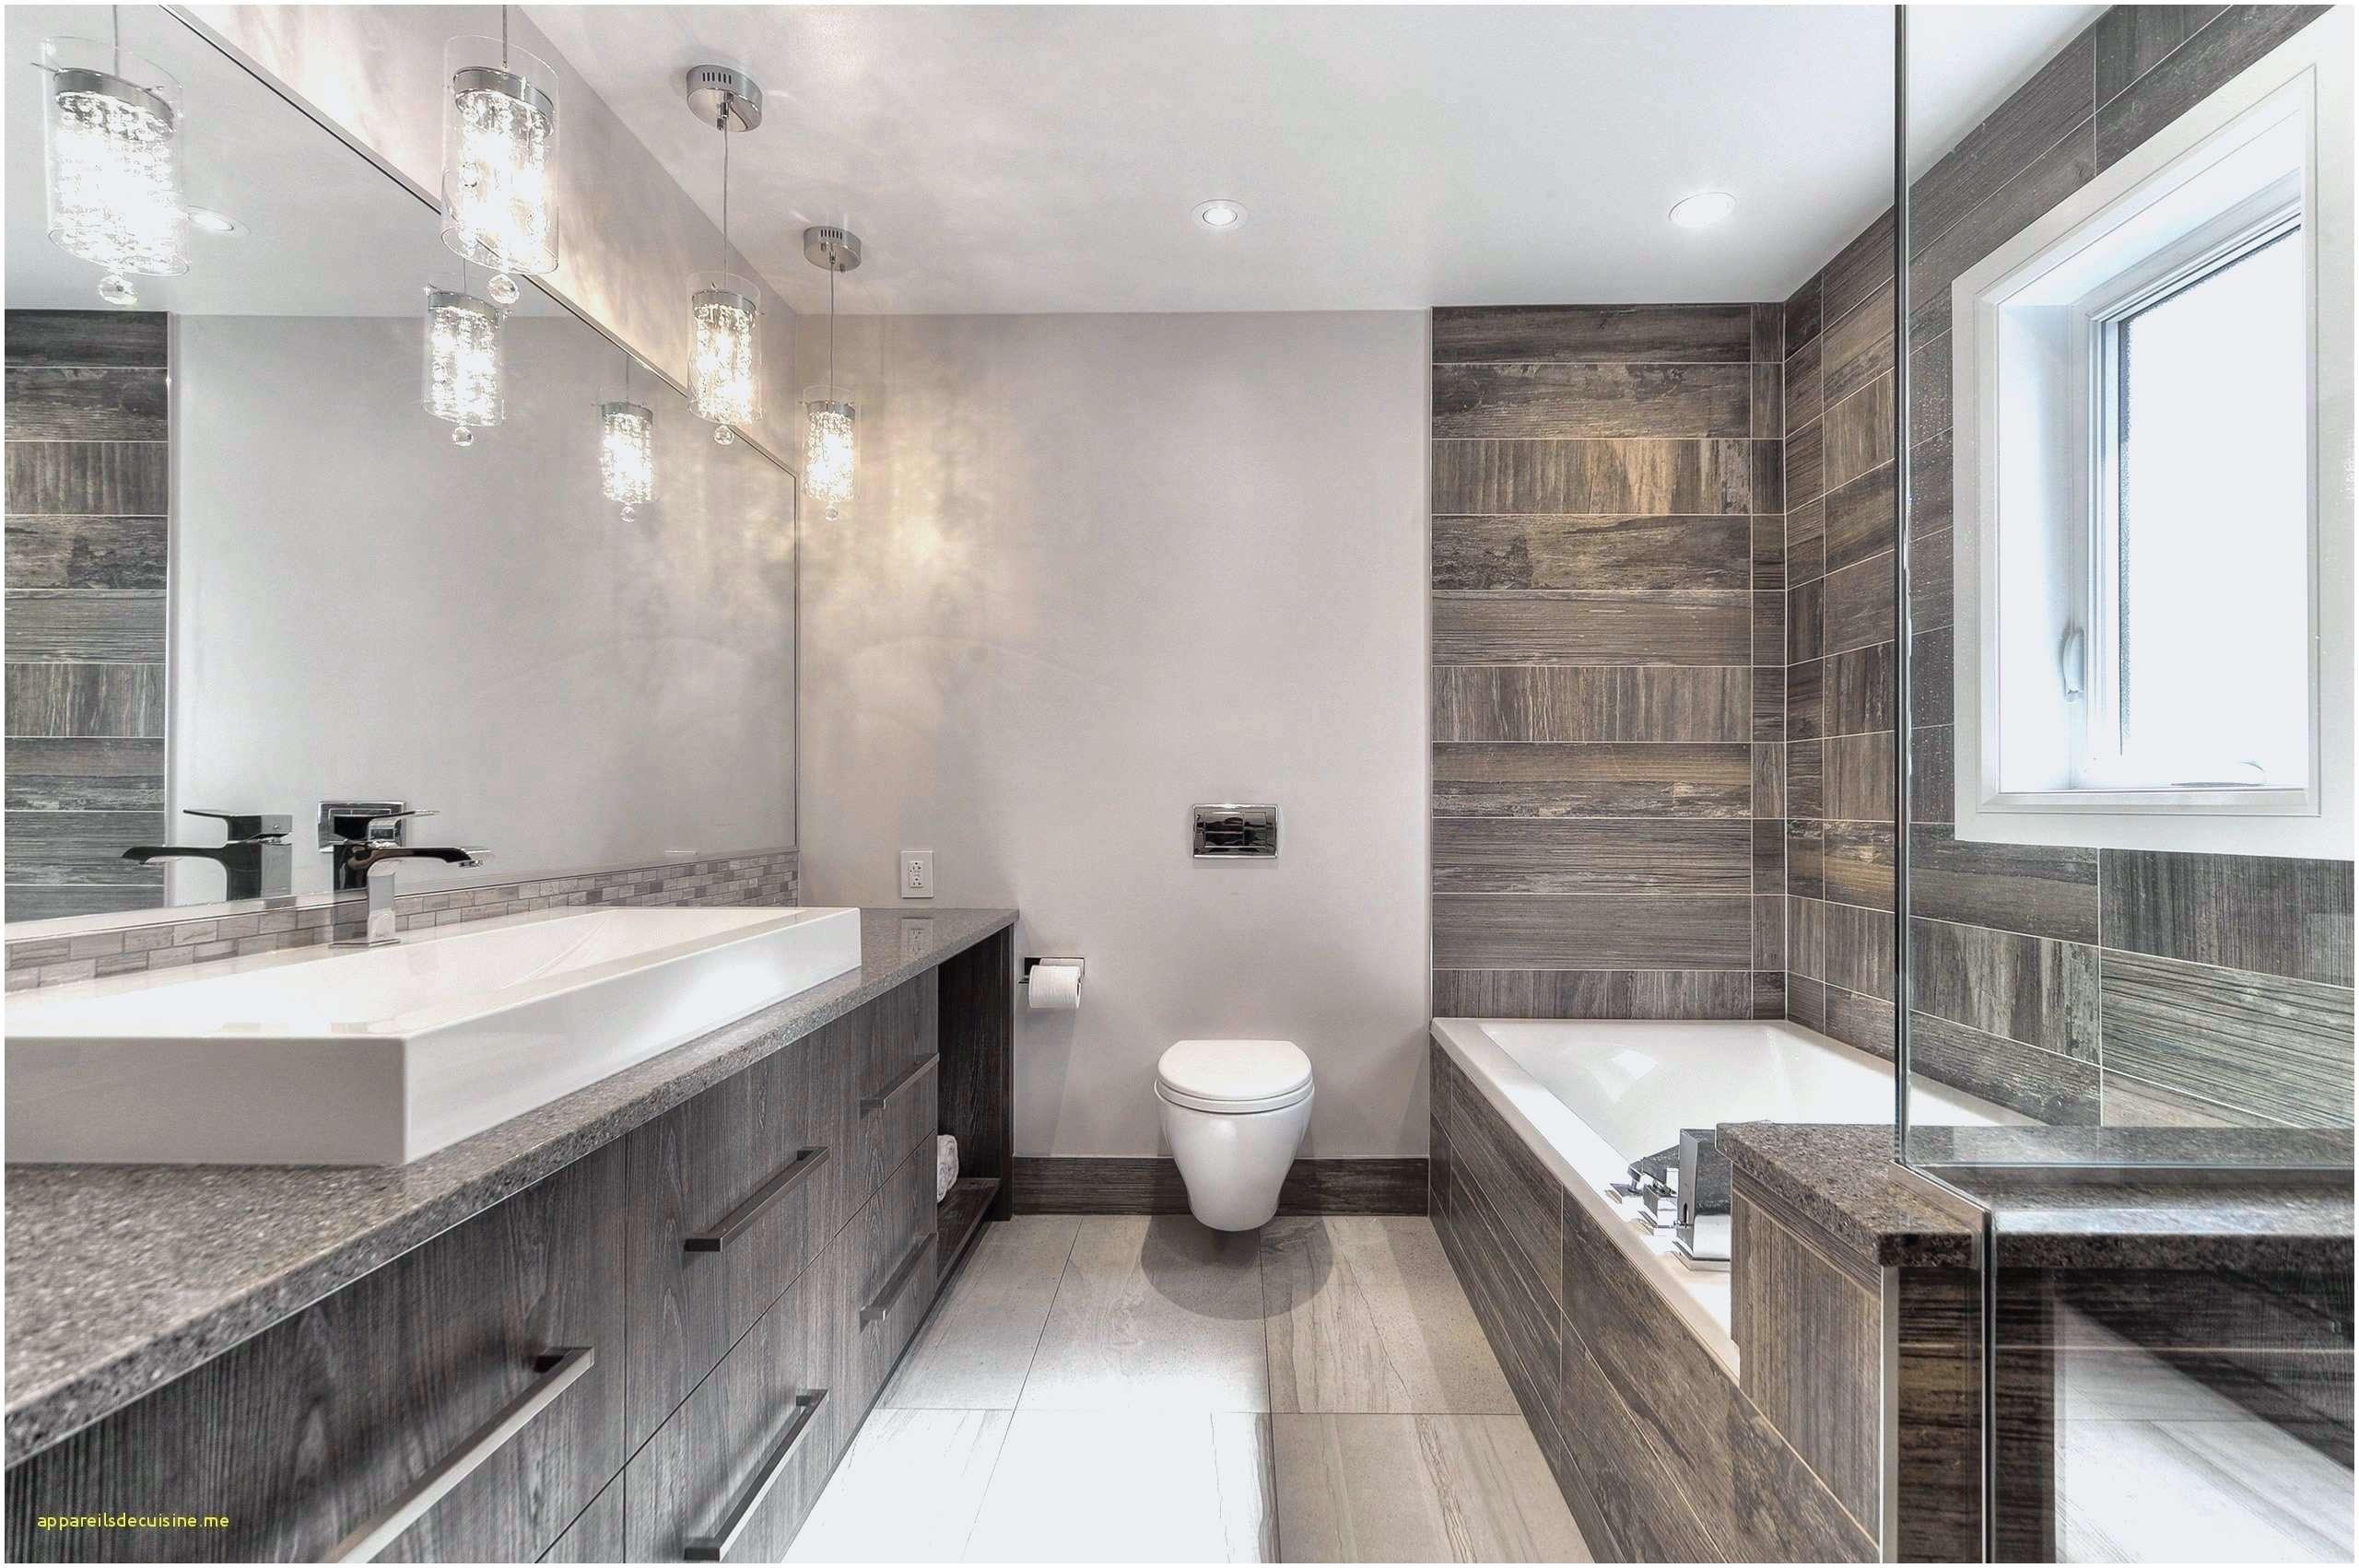 cuisine noir et blanche cuisine blanche moderne nouveau salle de bain moderne noir et blanc gallery carrelage roger 0d elegant cuisine blanche moderne nouveau salle de bain moderne noir et b